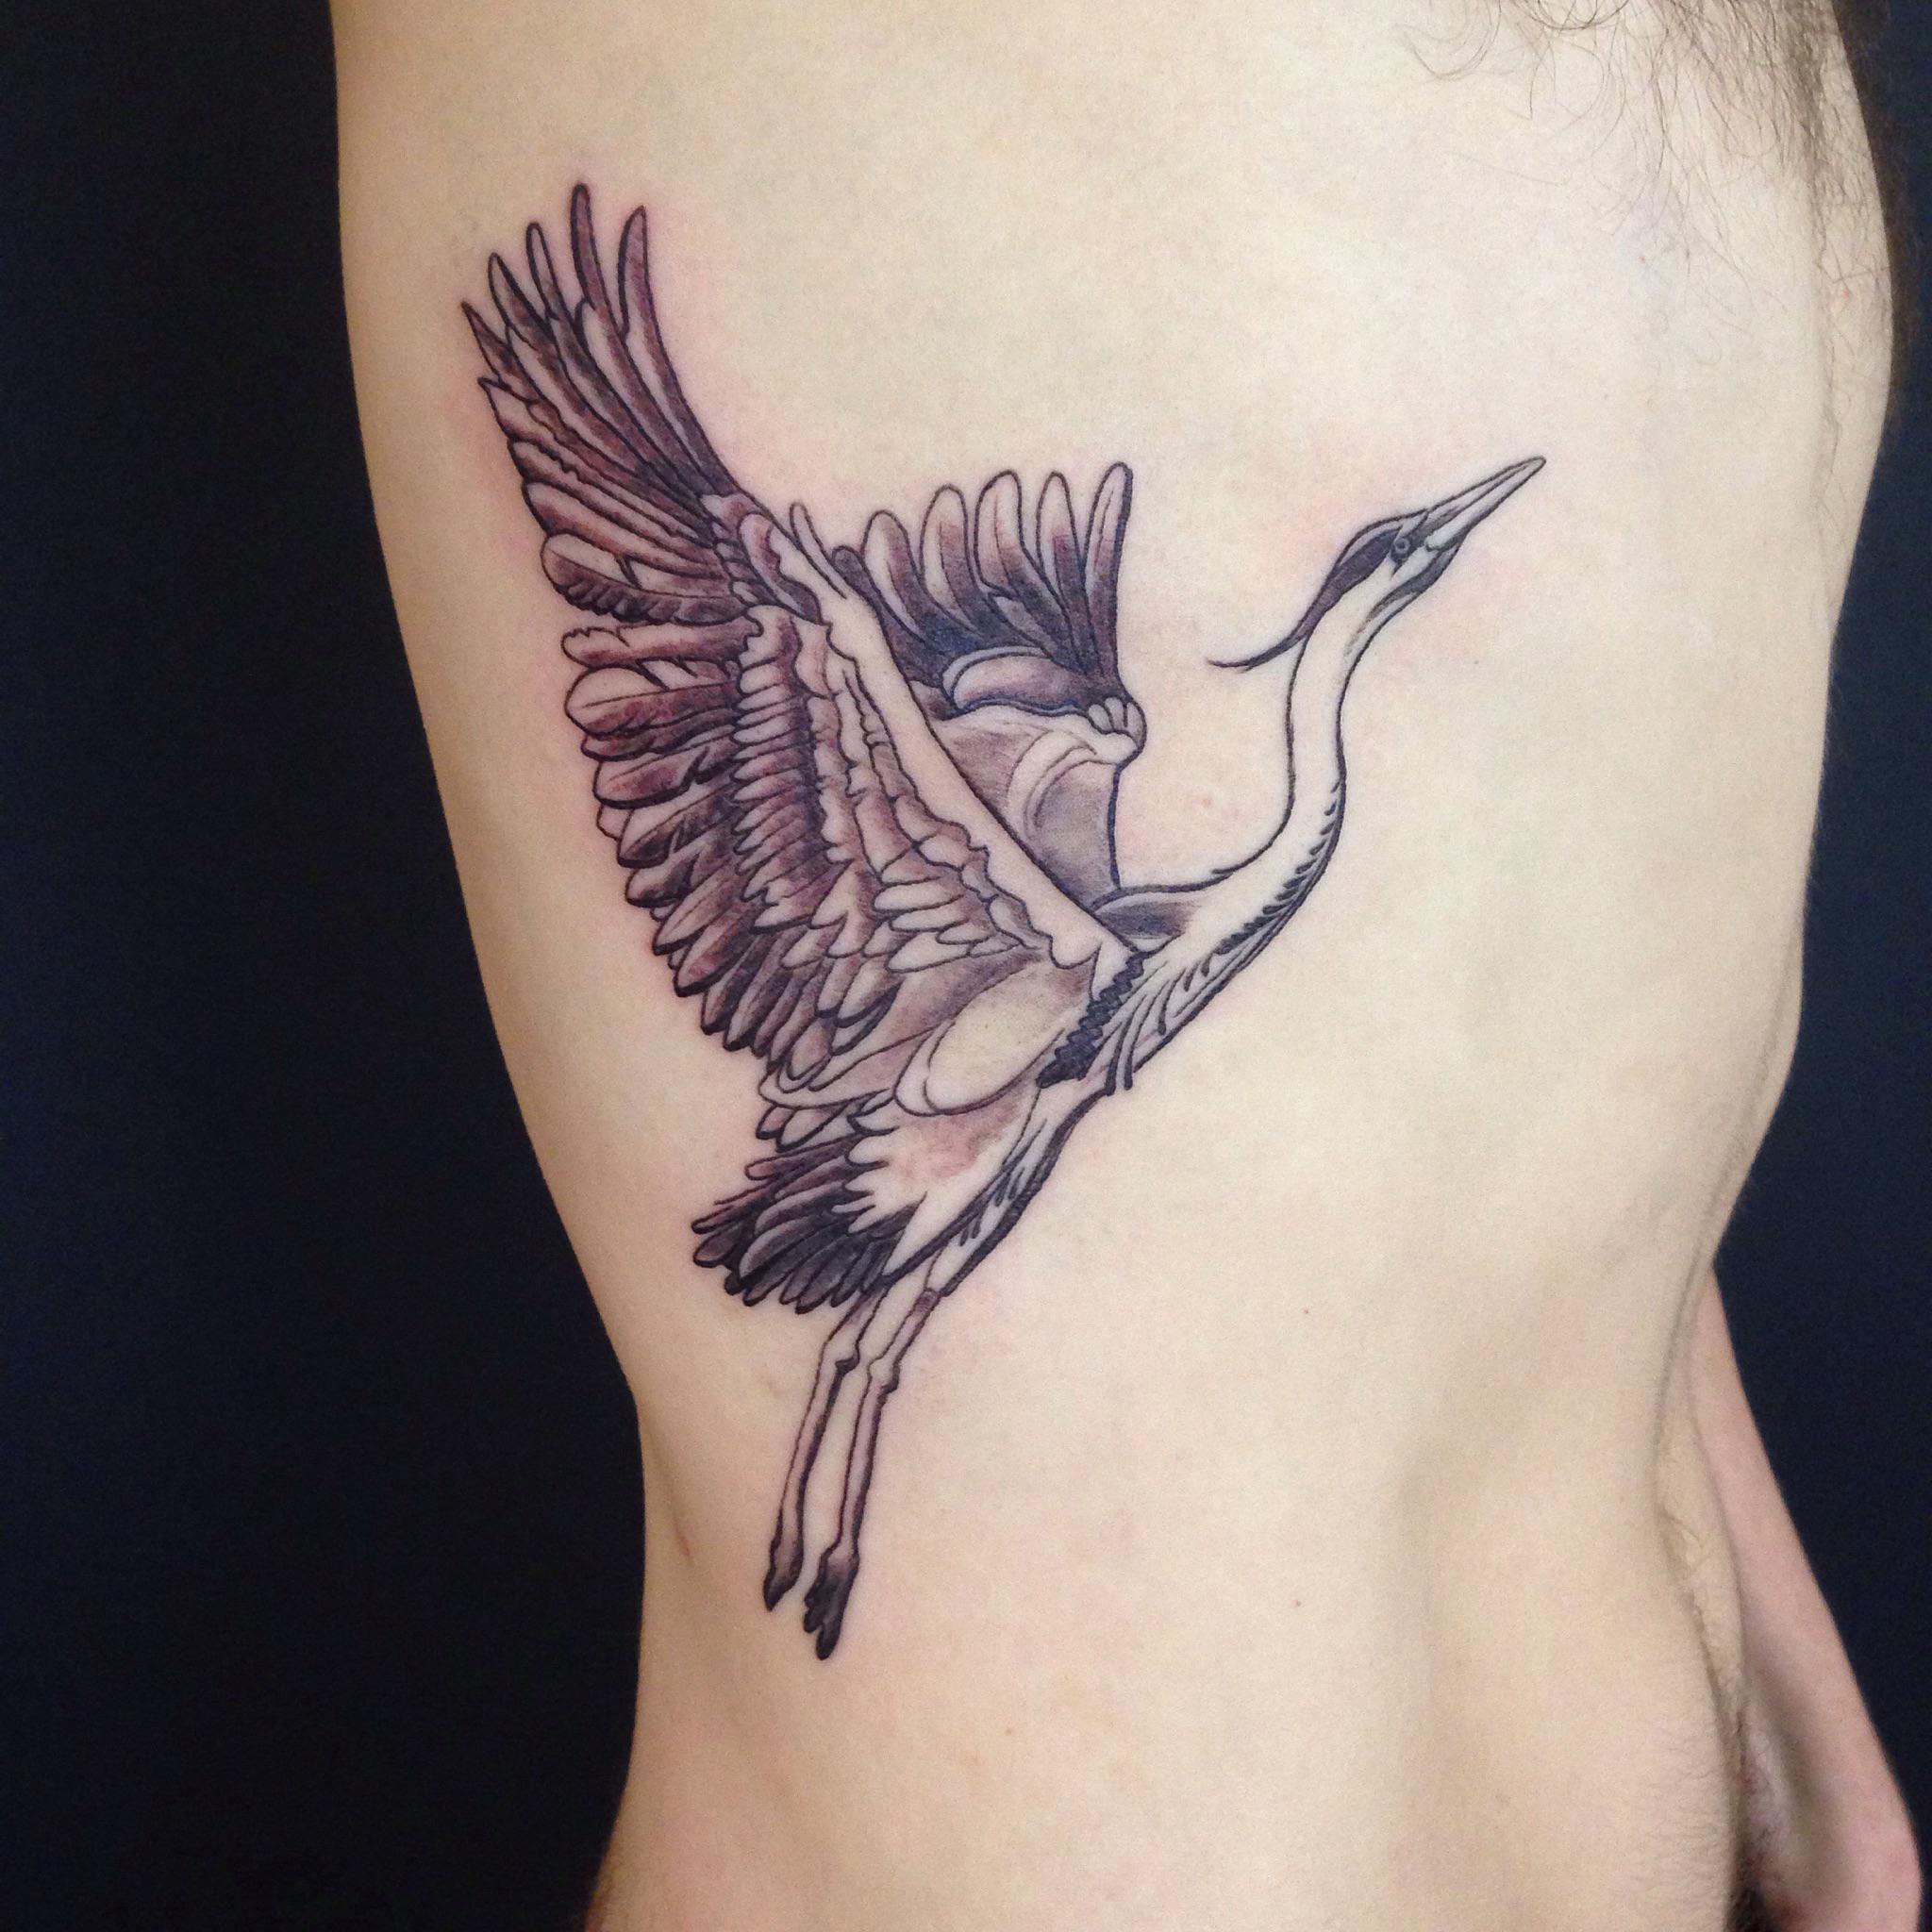 bg Justin Turkus Philadelphia fine line lettering best tattoo Artist crane heron wings fullsize.jpg